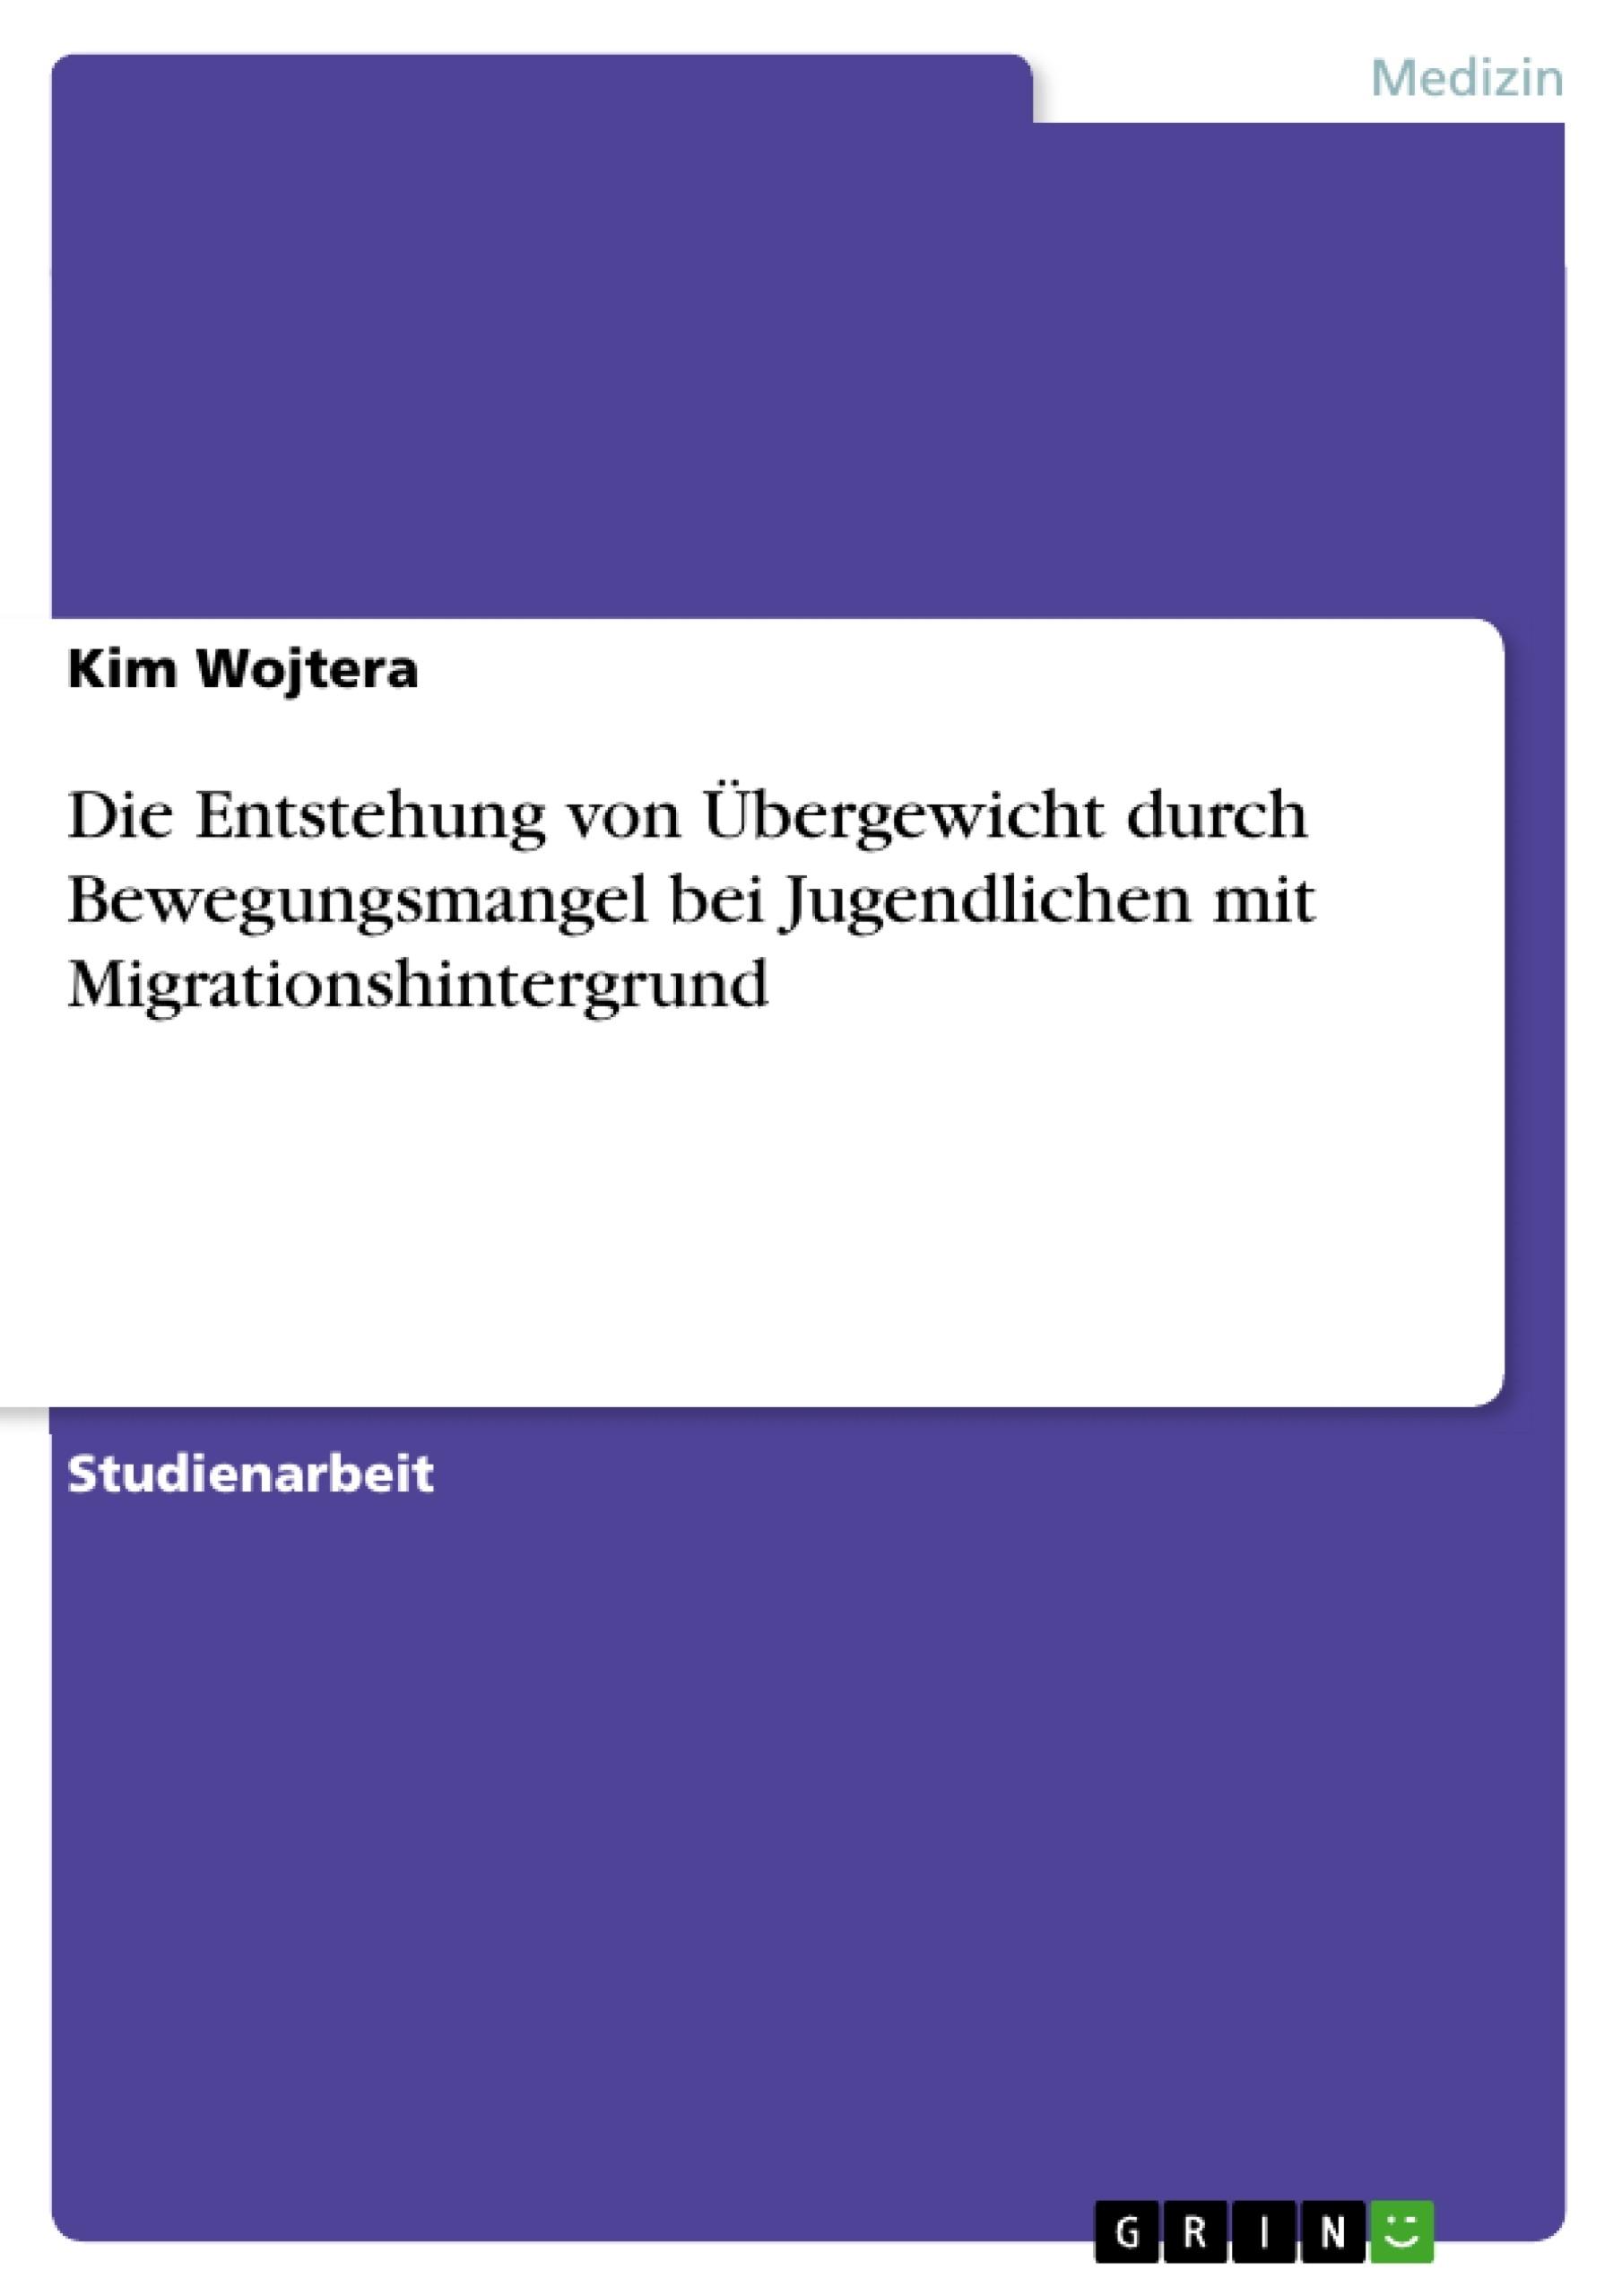 Titel: Die Entstehung von Übergewicht durch Bewegungsmangel bei Jugendlichen mit Migrationshintergrund